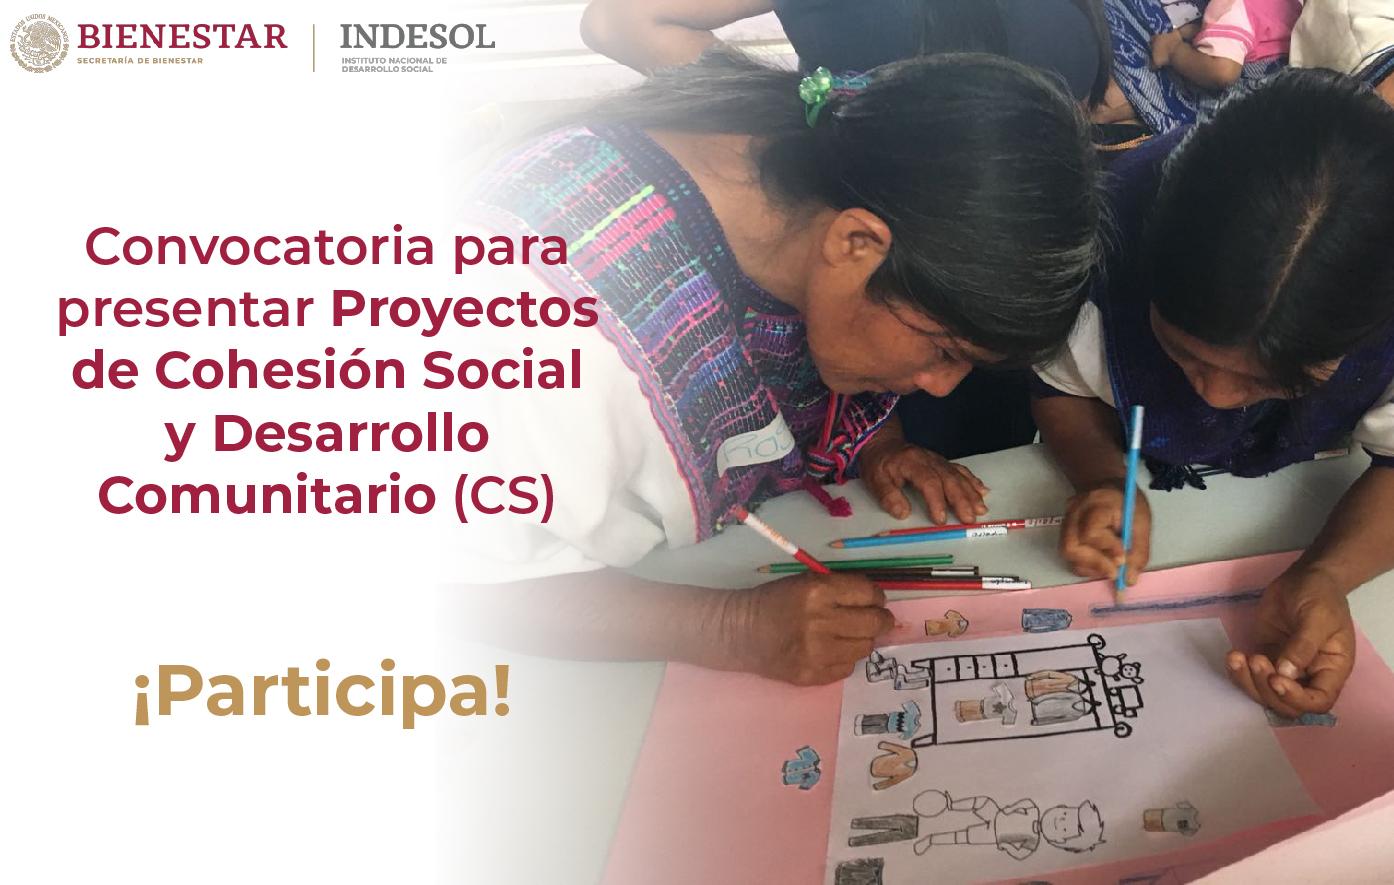 Banner Convocatoria para presentar Proyectos de Cohesión Social y Desarrollo Comunitario